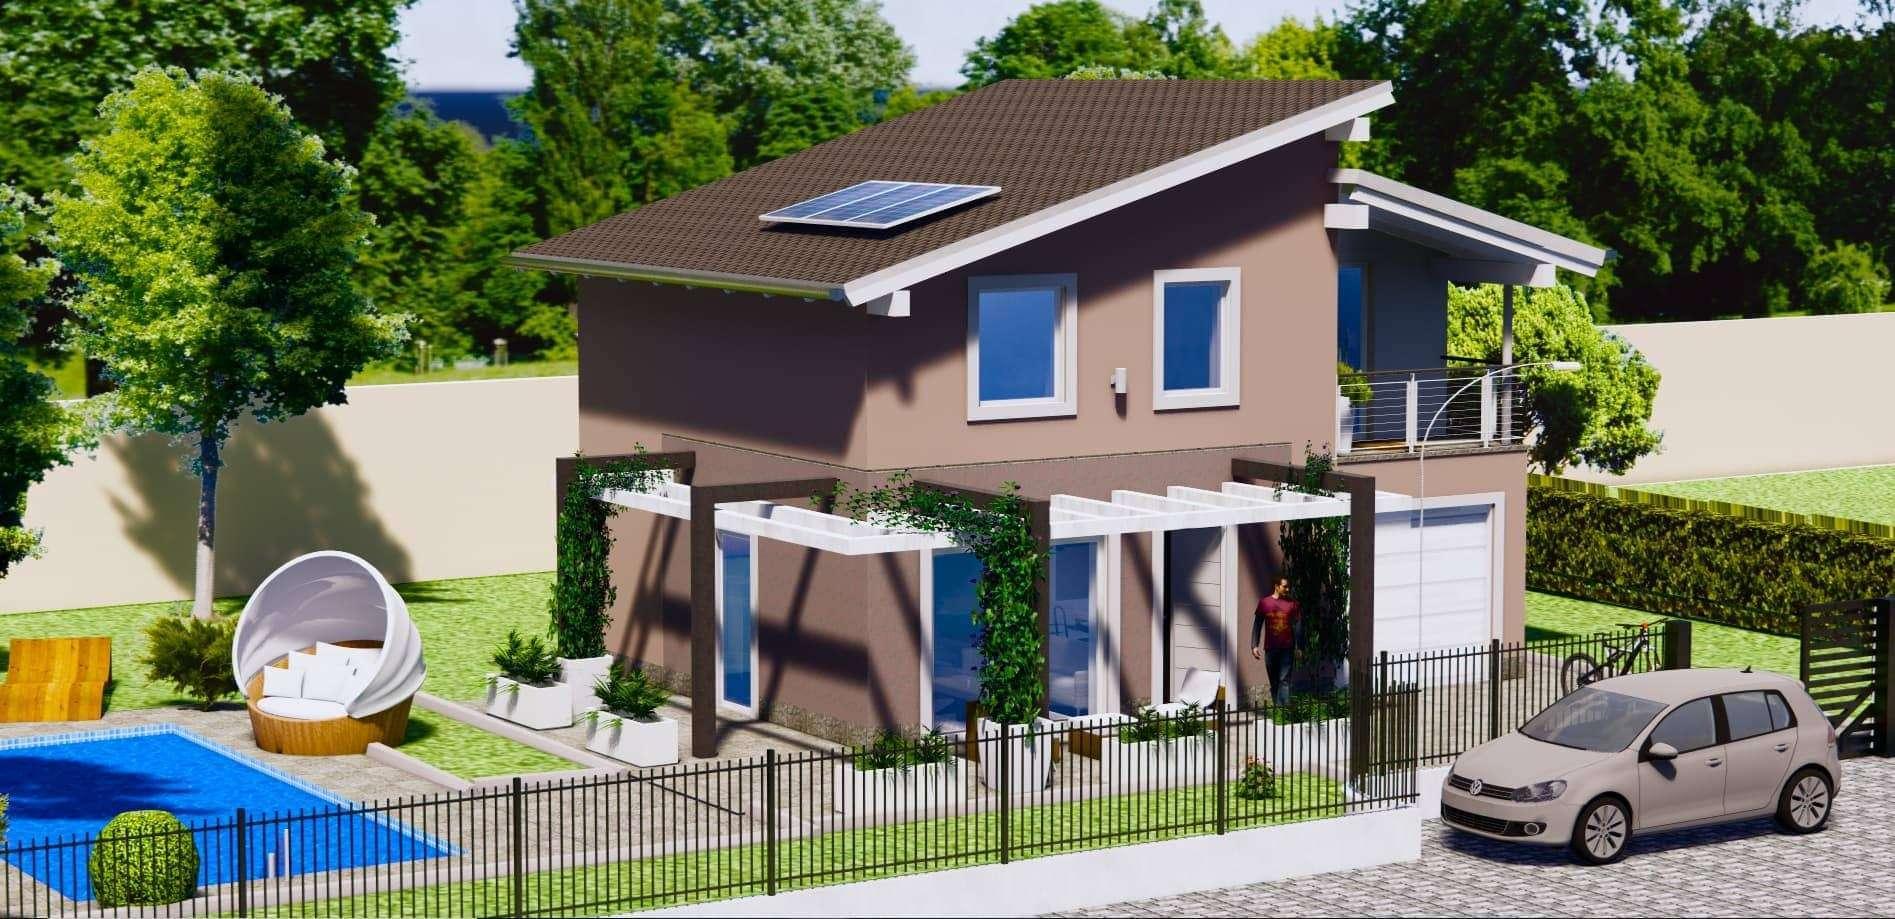 Villa A Tre Piani case e ville in vendita archivi - immobliare ghietti